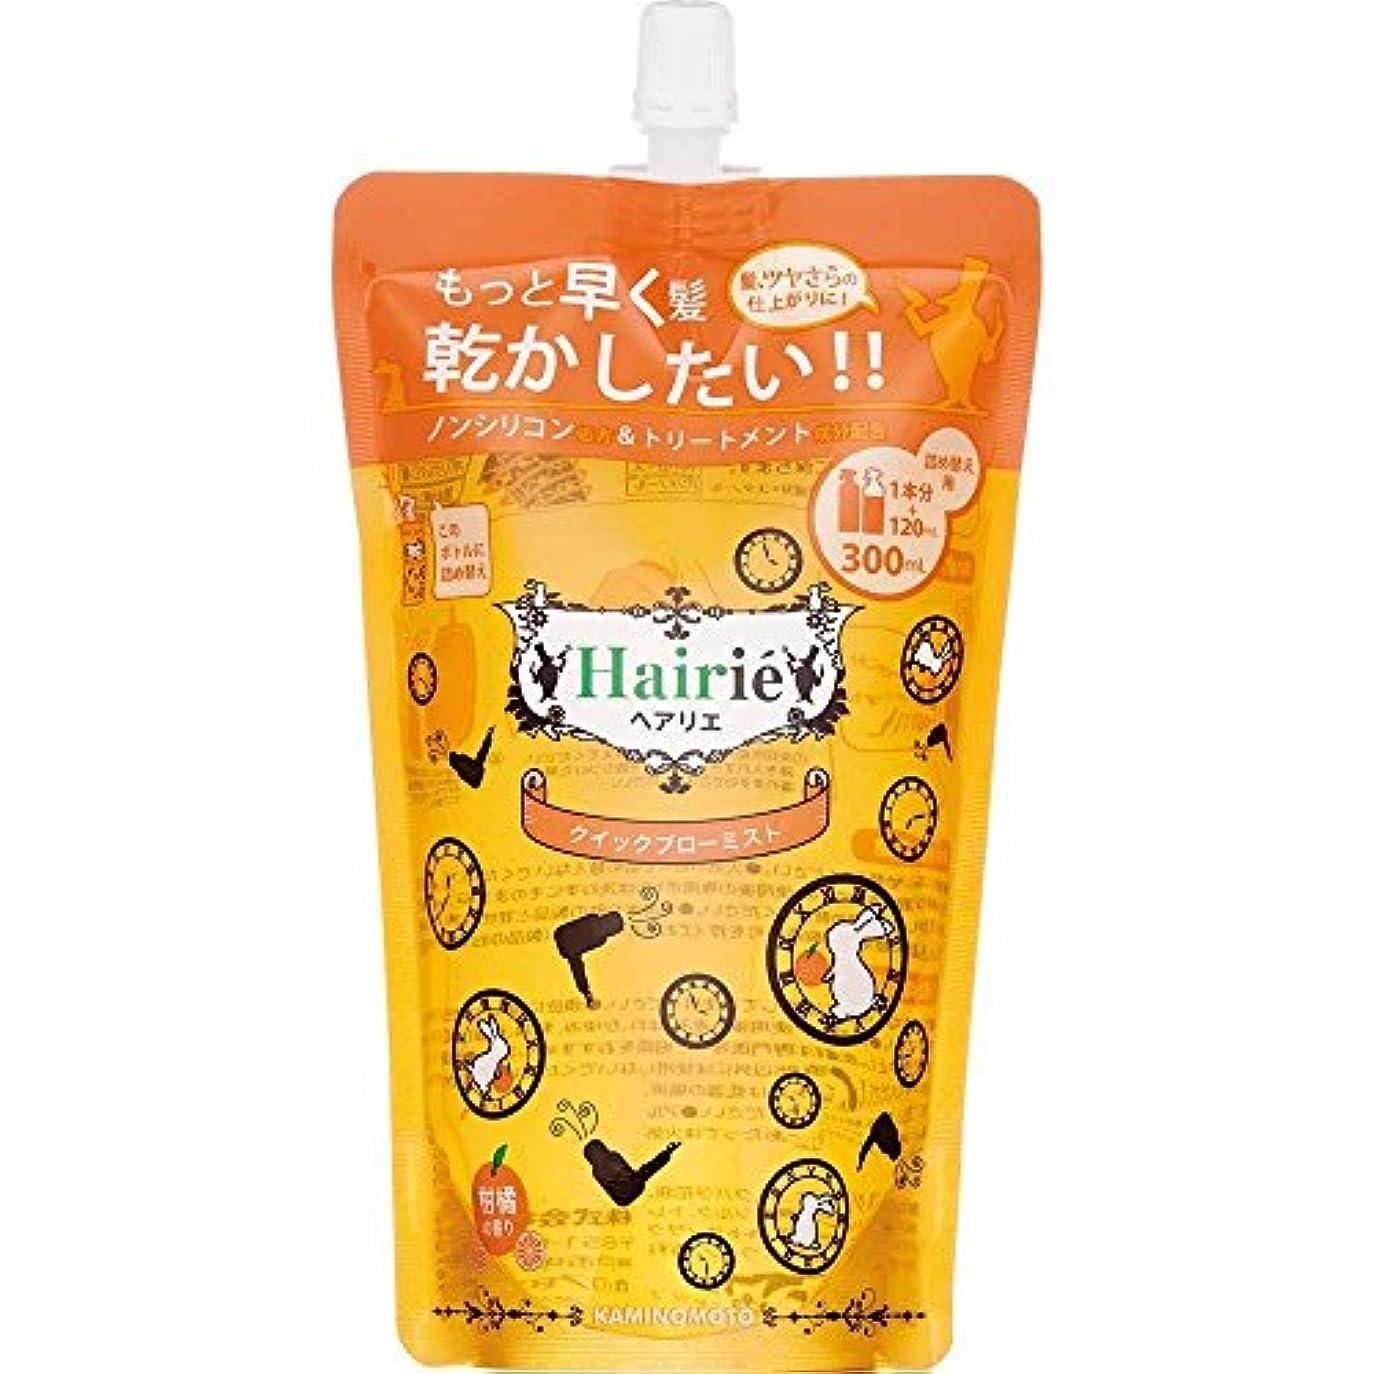 流産撤回するアルカイックヘアリエ クイックブローミスト 柑橘の香り 詰め替え 300mL×3個